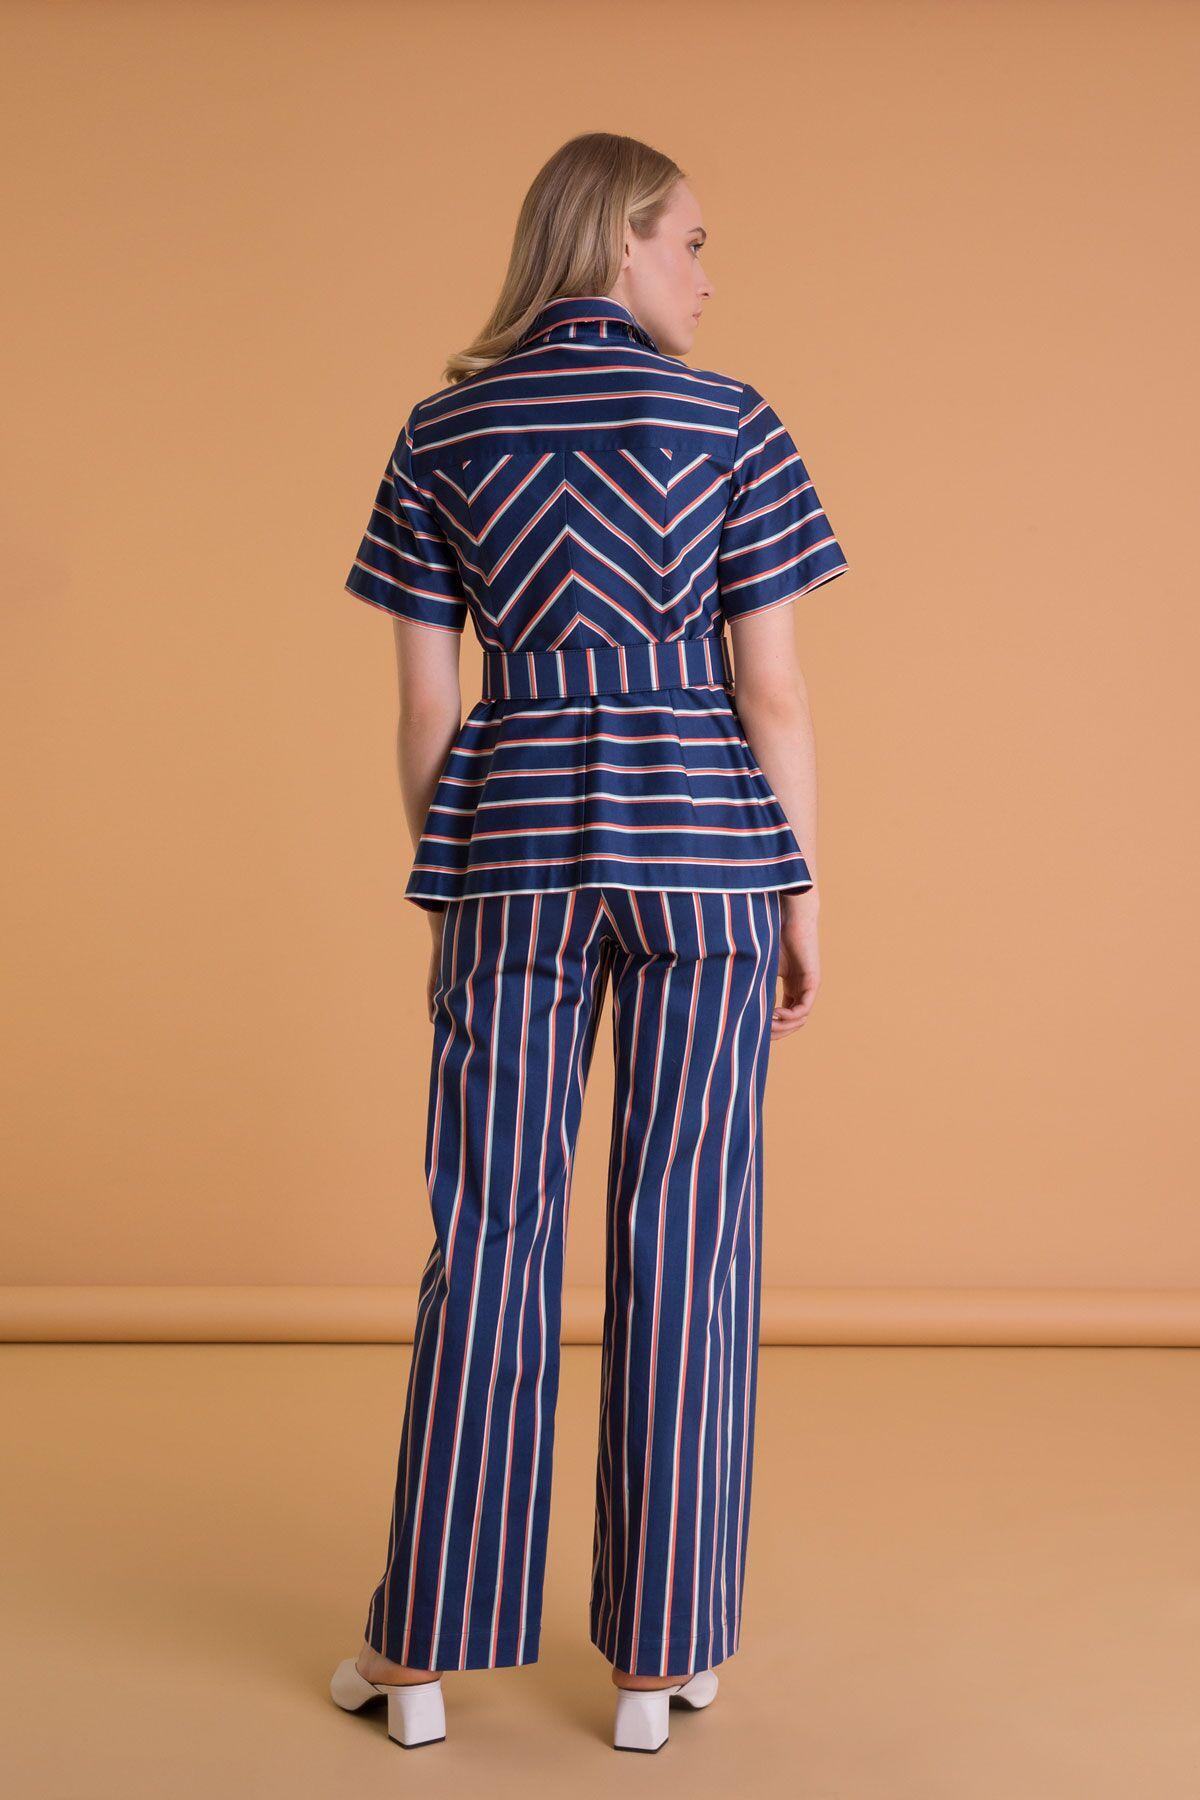 Çizgi Desenli Yüksek Bel Lacivert Pantolon